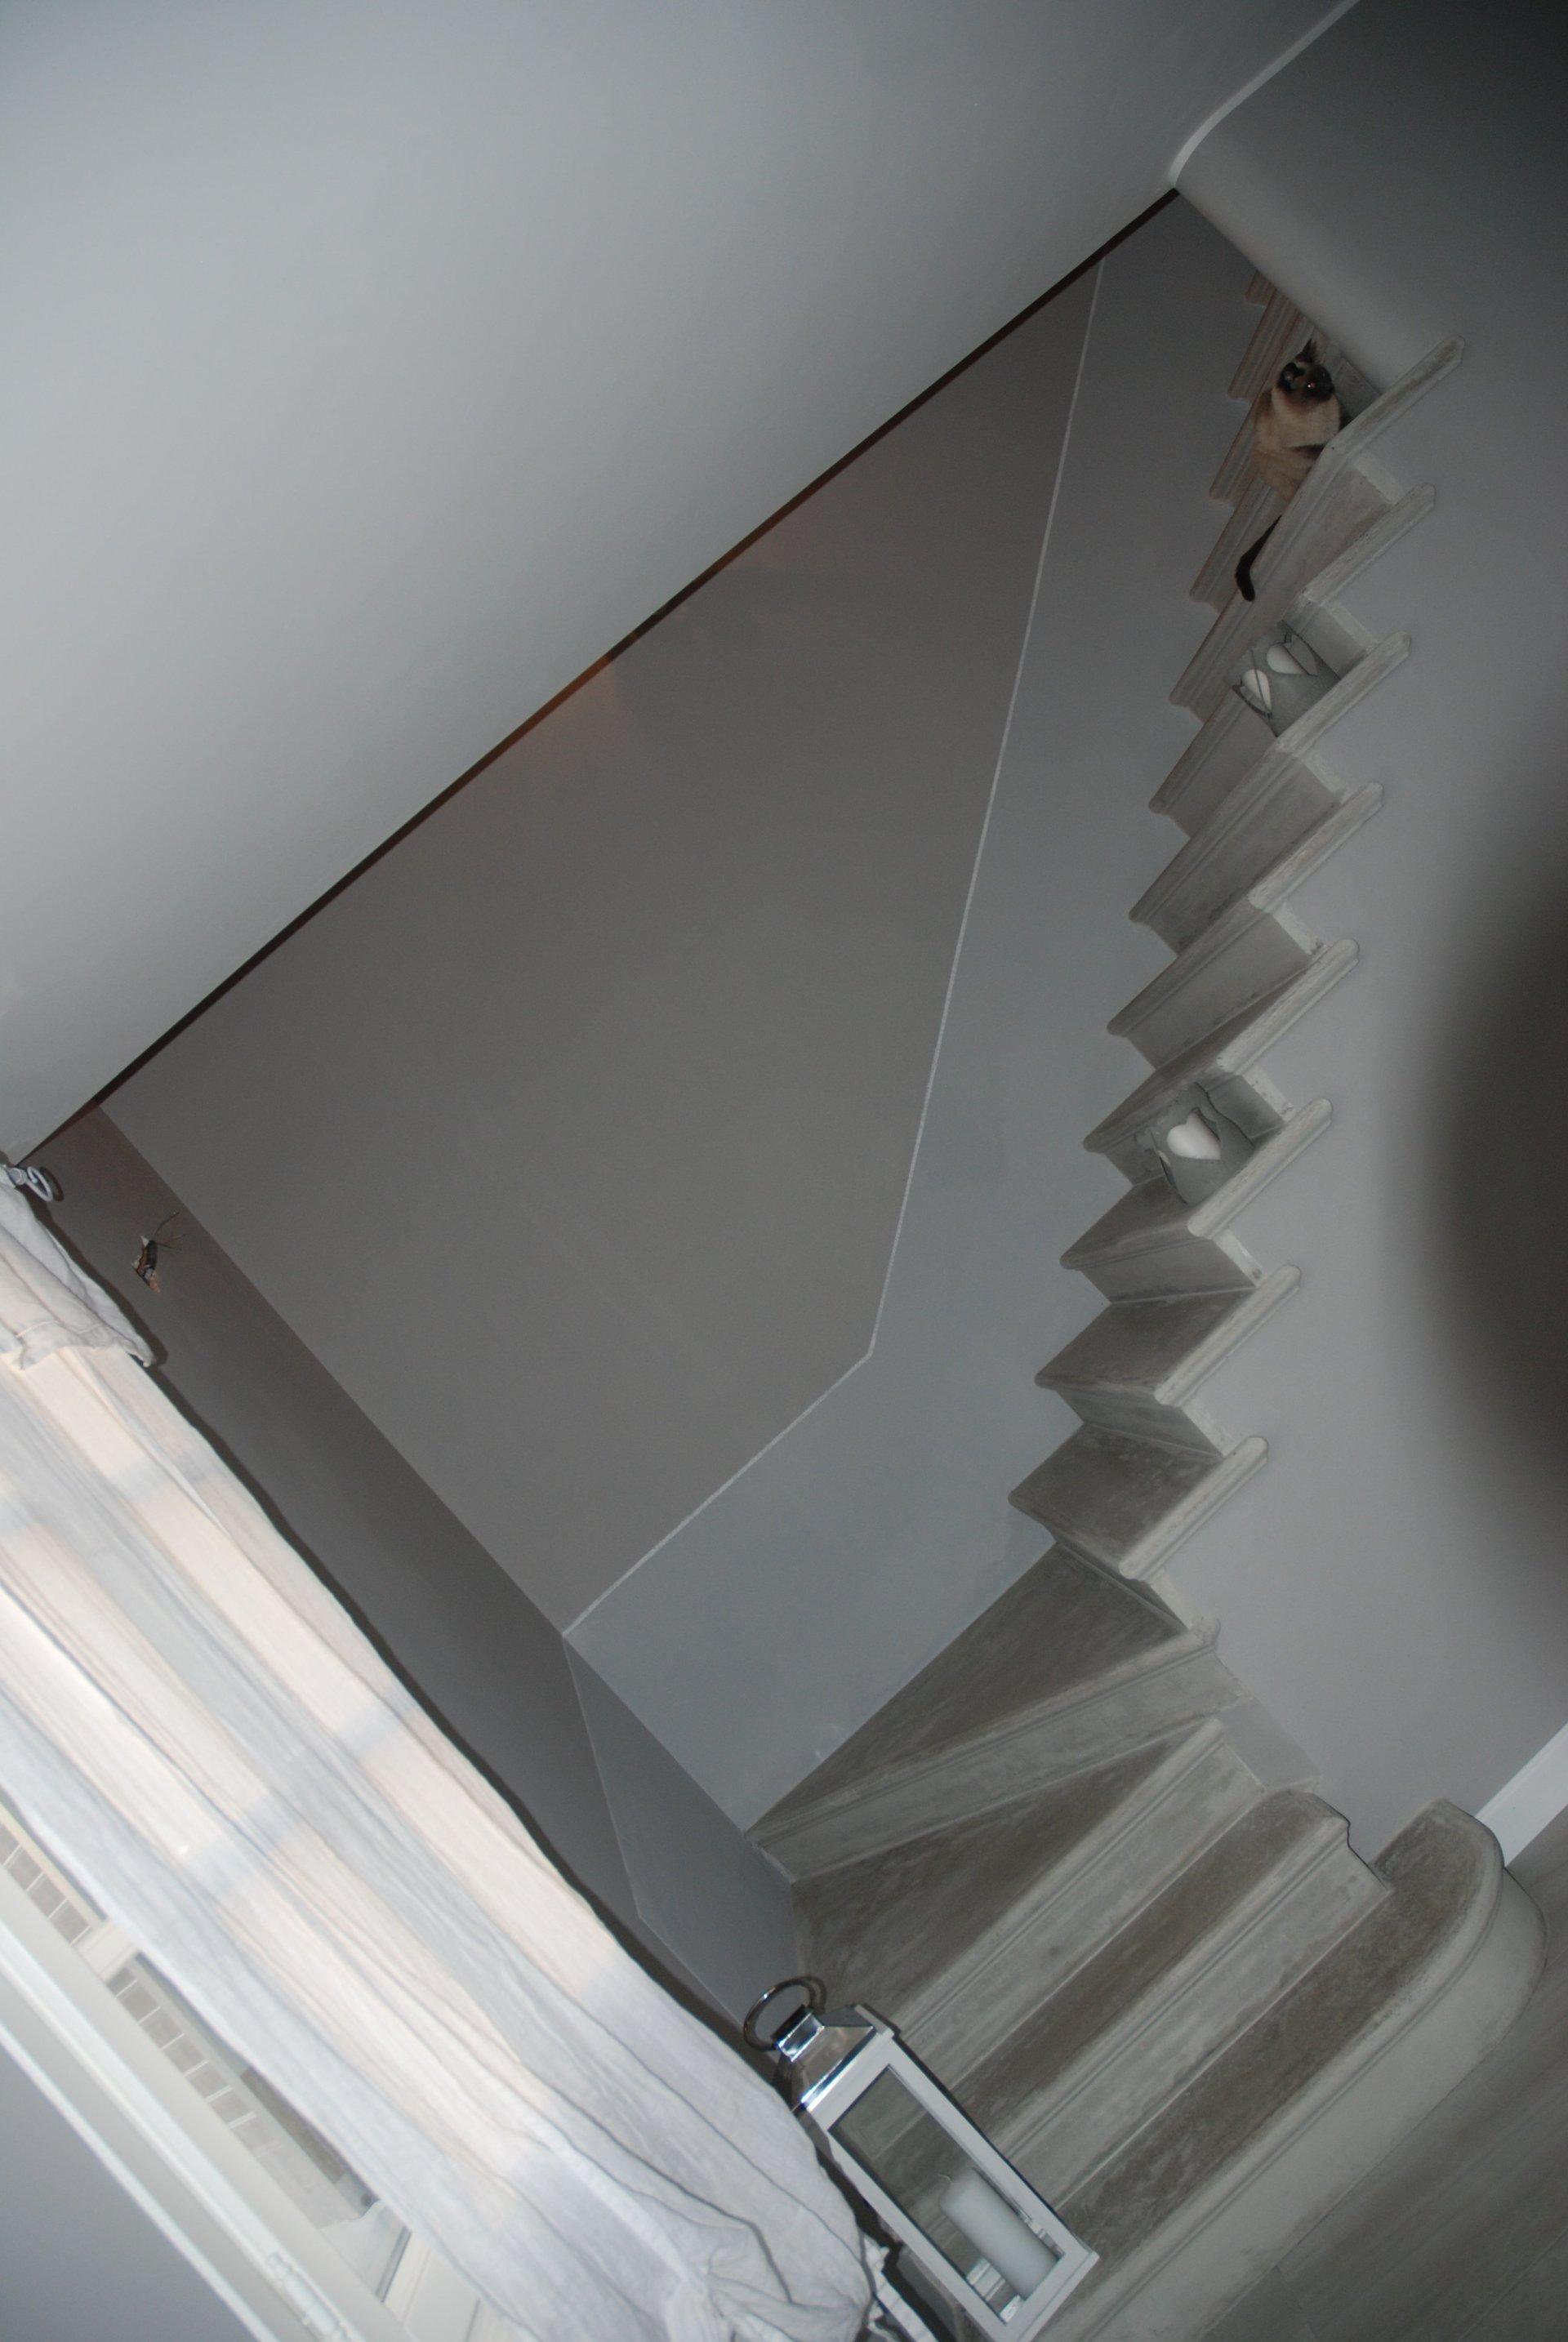 Realizzazione gradini e scale in cemento e calcestruzzo  Alessandria  Prefabbricati Torti